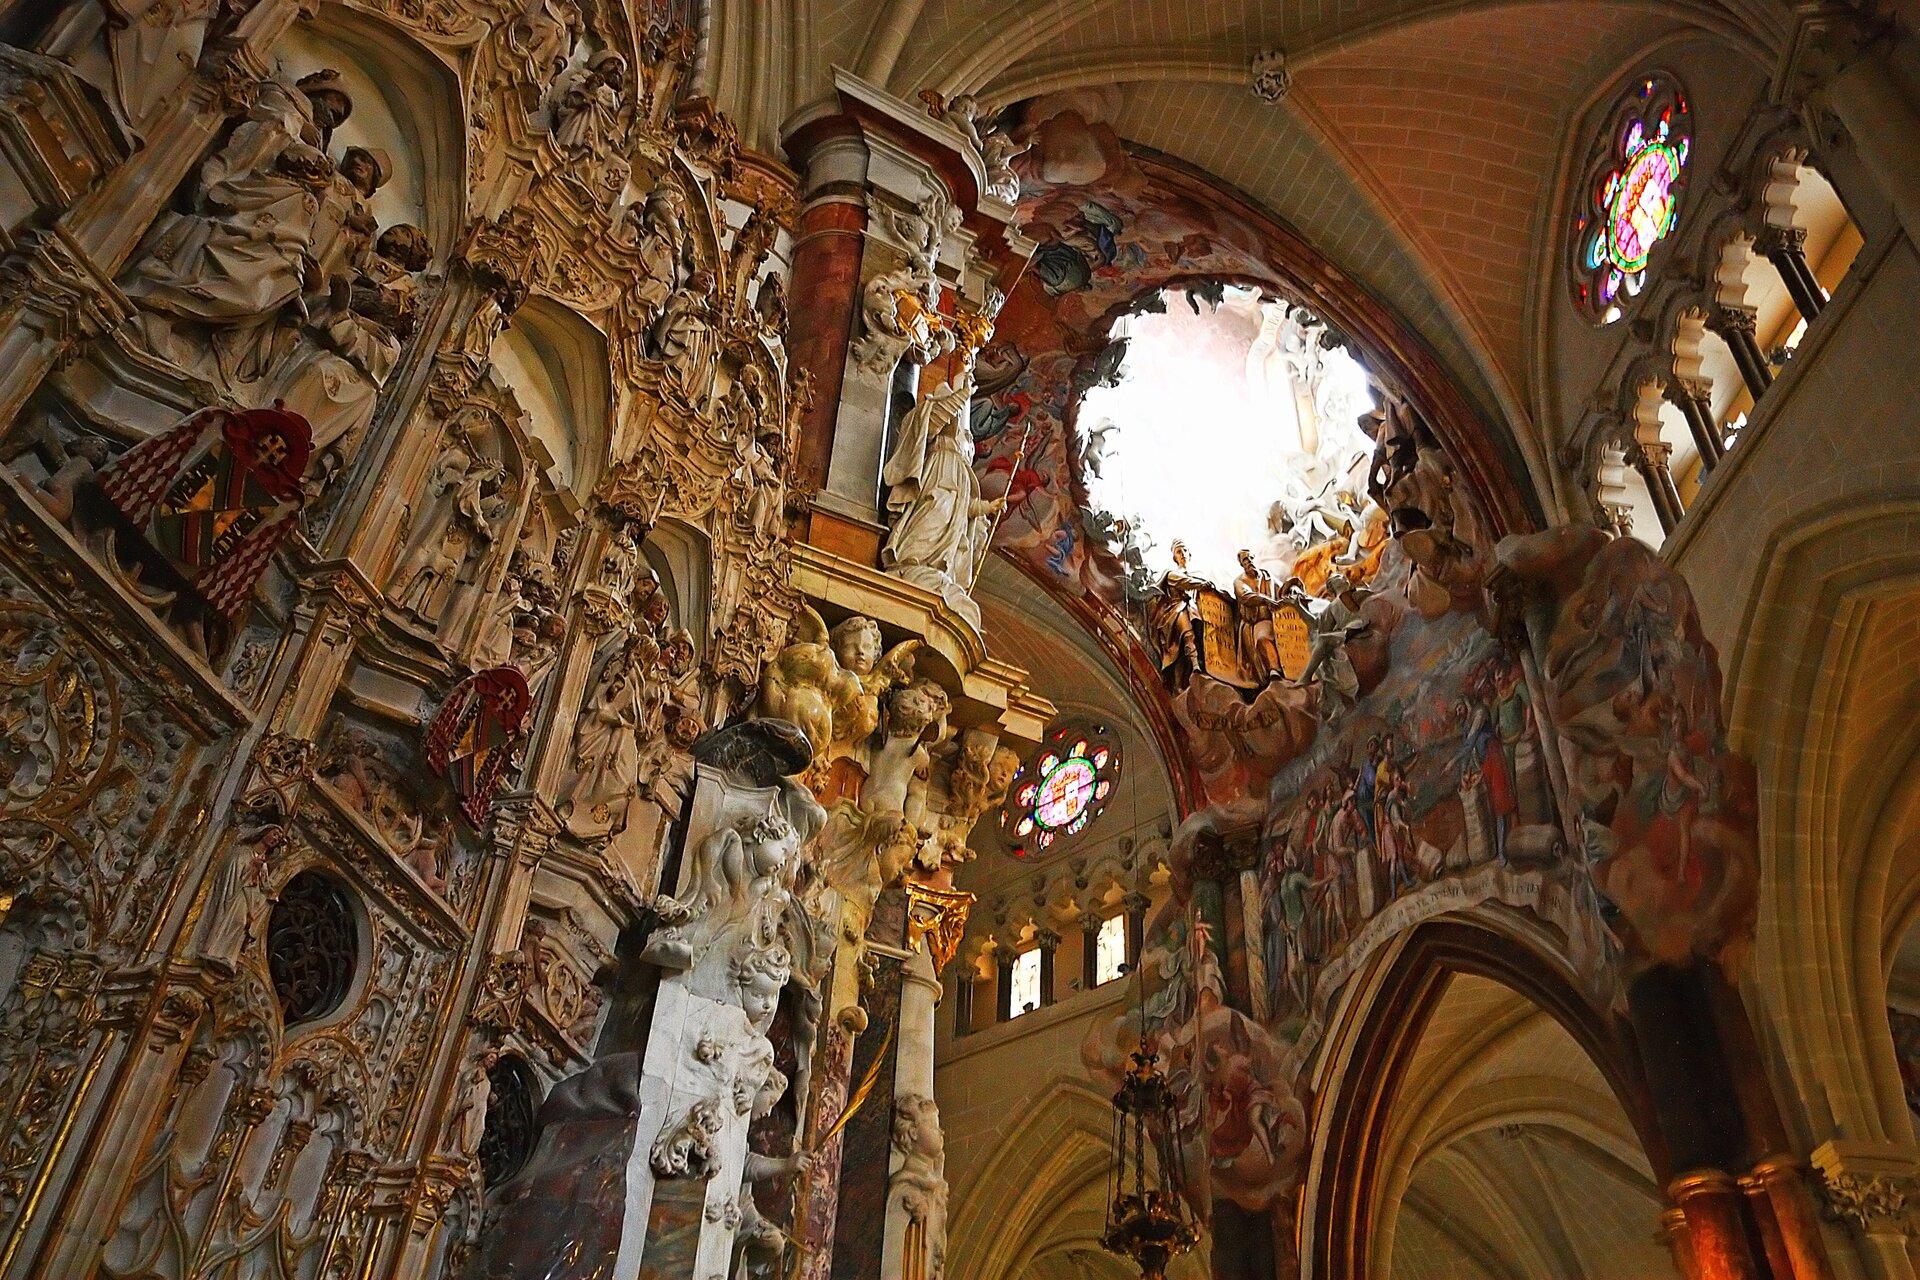 Barokowy ołtarz wkatedrze wToledo Barokowy ołtarz wkatedrze wToledo Źródło: Wenjie, Zhang, licencja: CC BY 2.0.